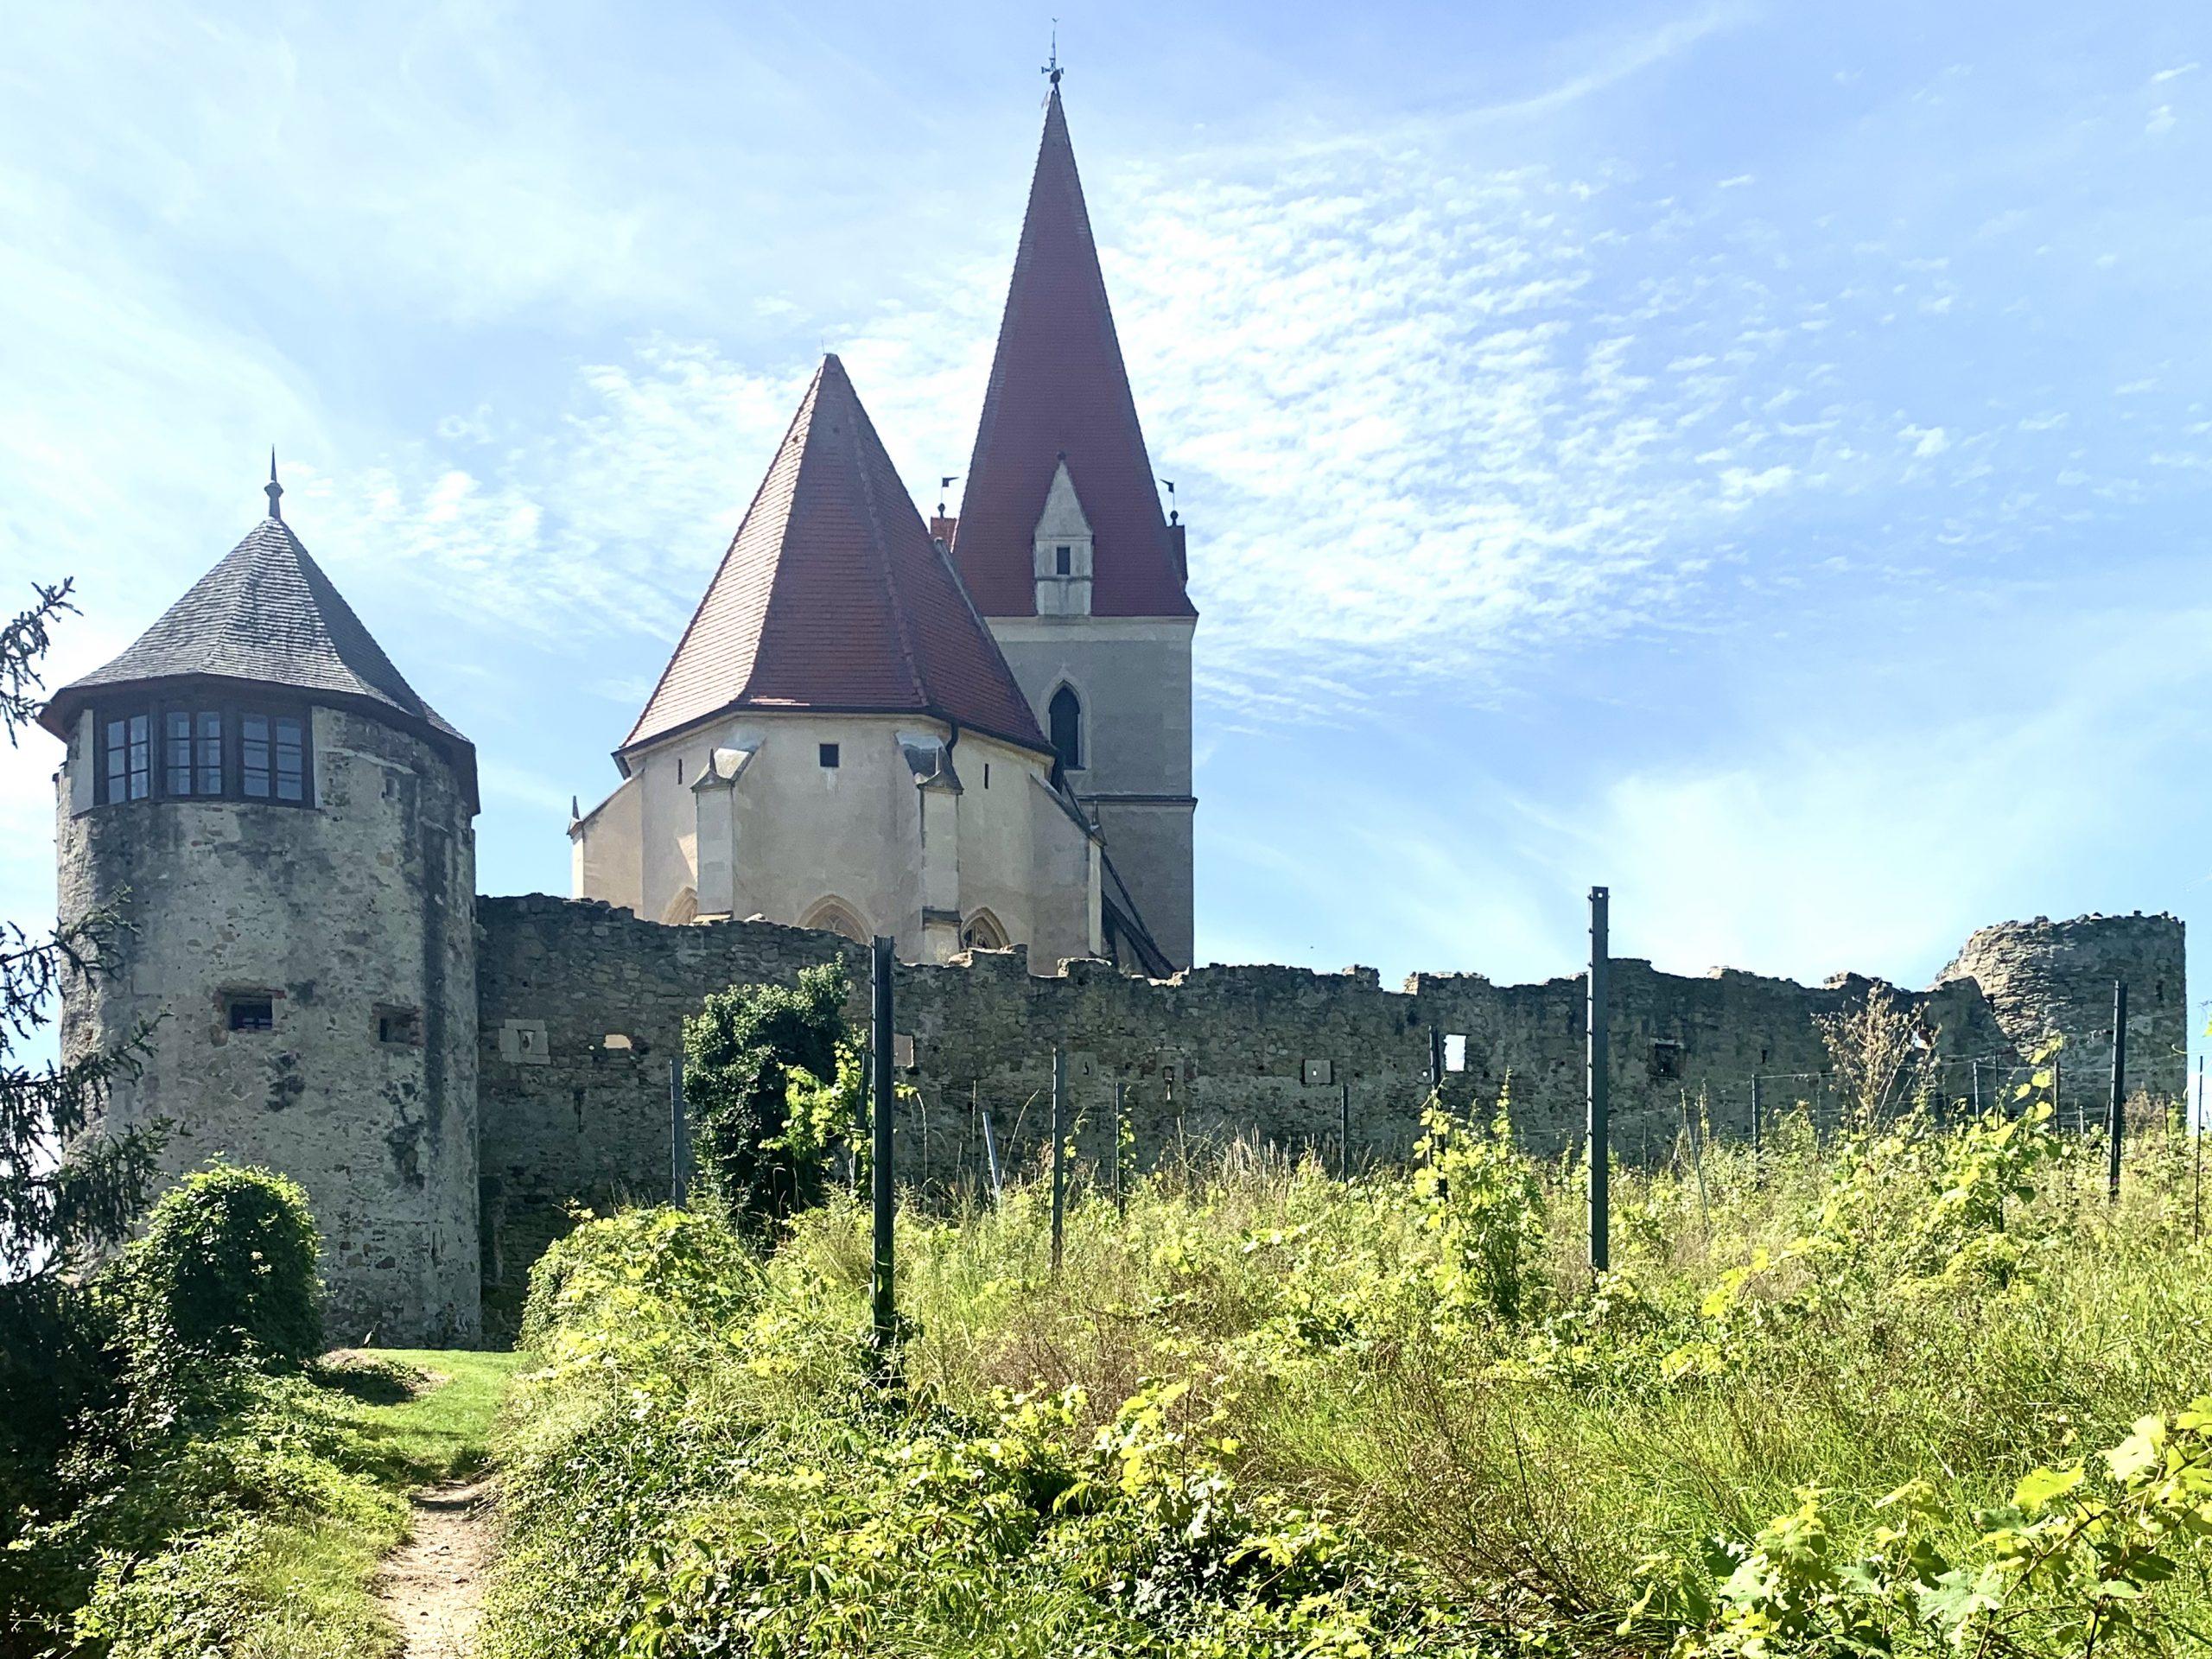 Die Pfarrkirche in Weißenkirchen von außen gesehen